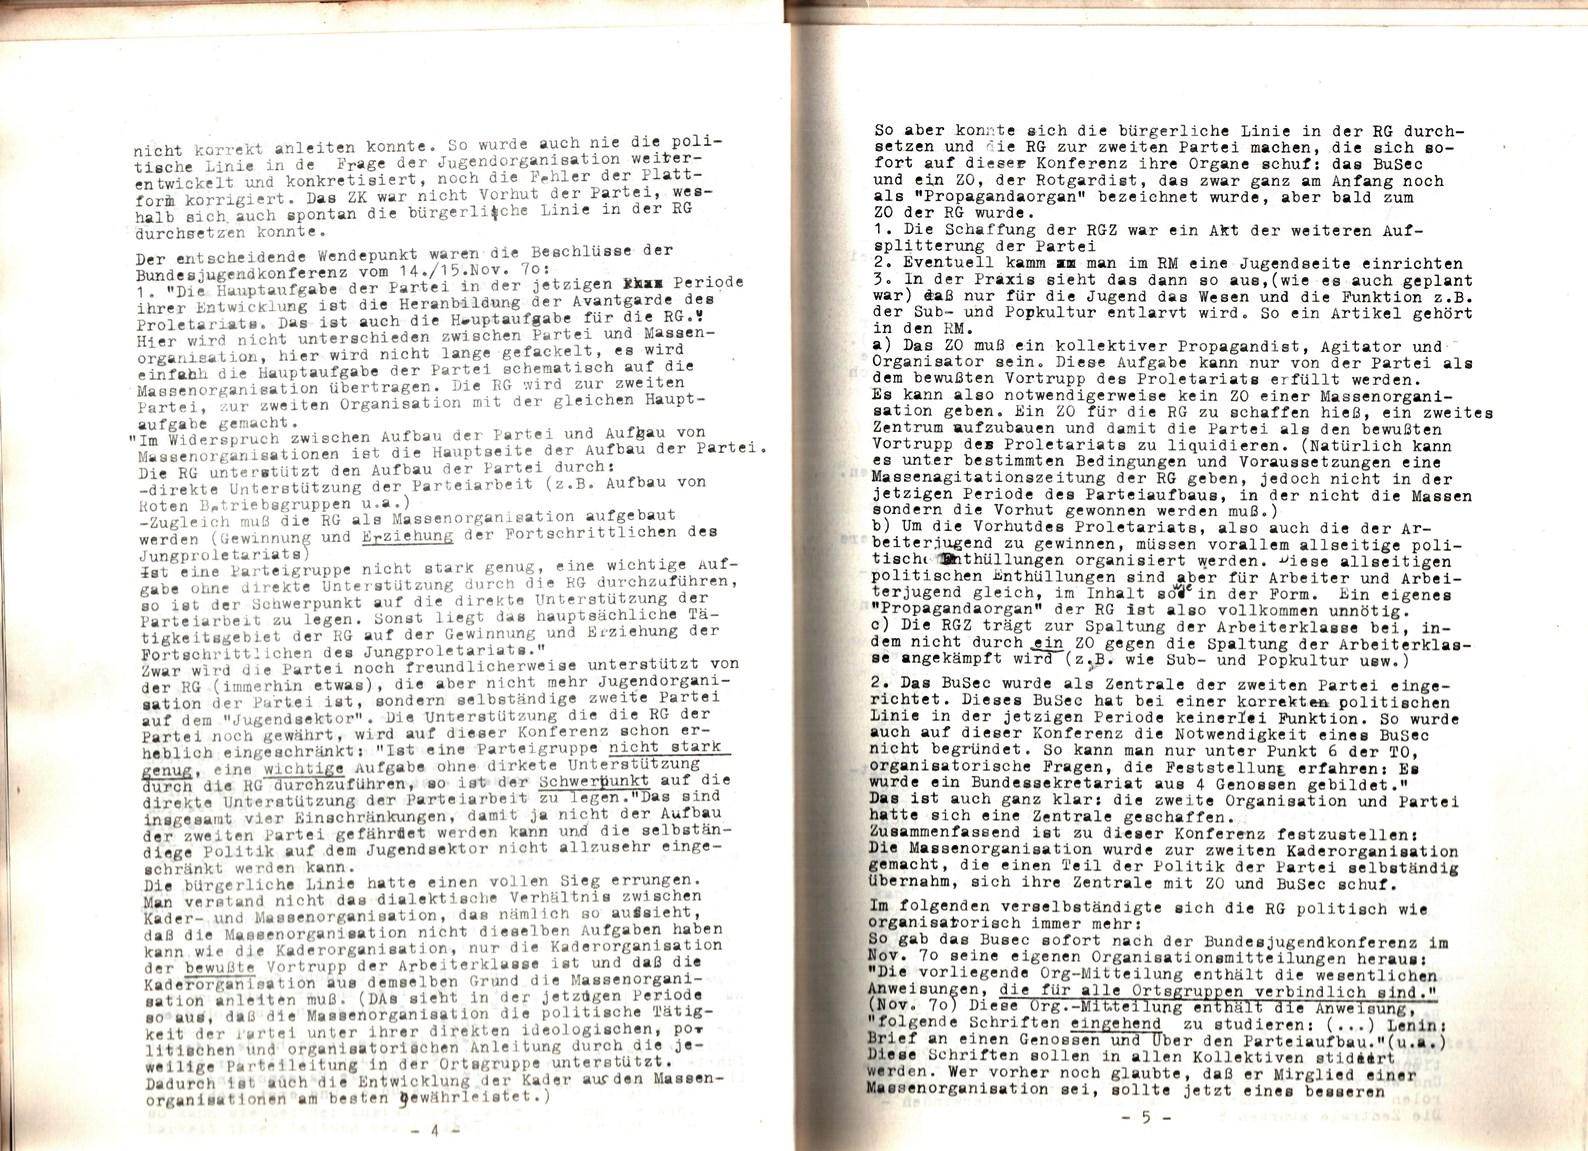 KPDML_1971_Analysen_und_Antraege_des_LV_Sued_West_039